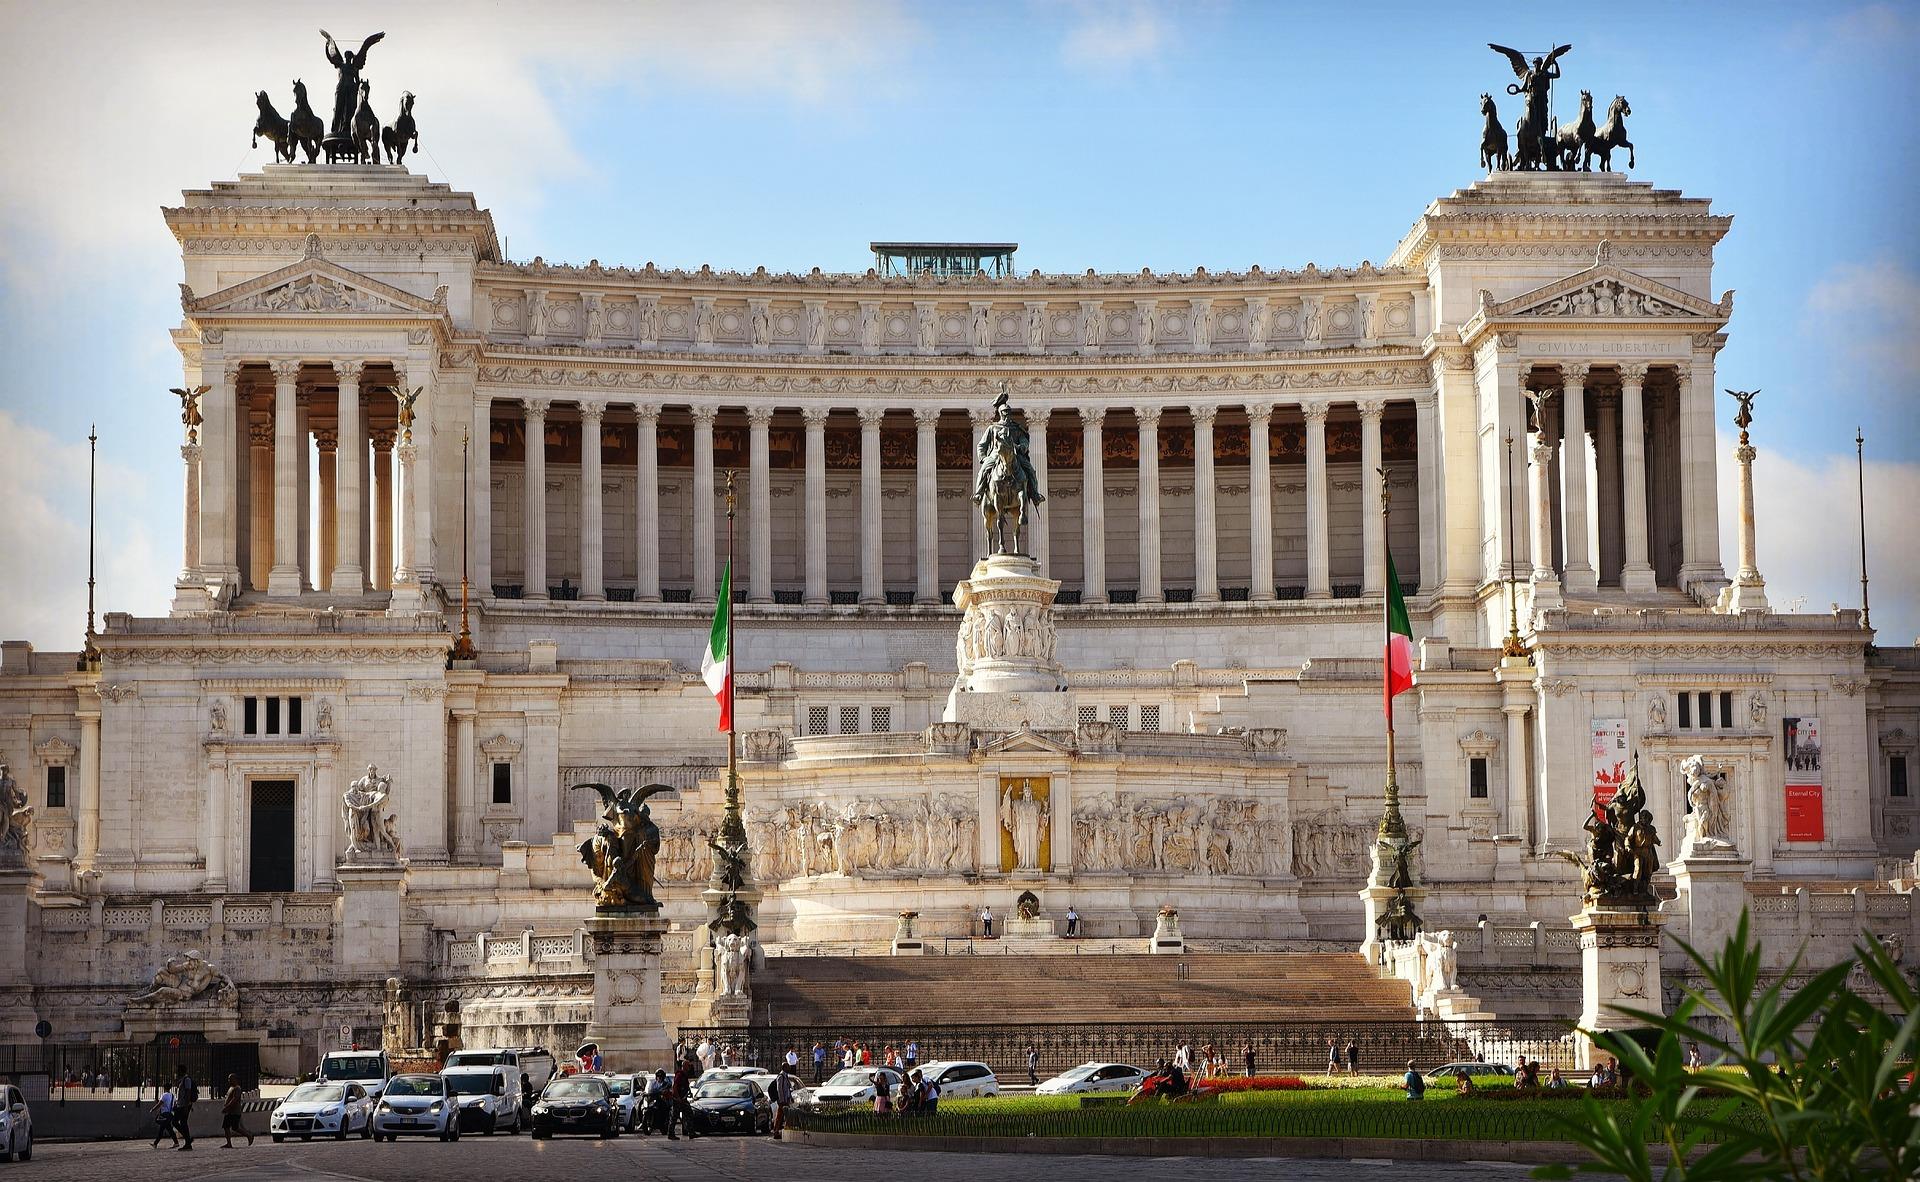 Sondaggi Comunali Roma, Cominciato il semestre bianco per Mattarella: cosa significa e cosa cambia